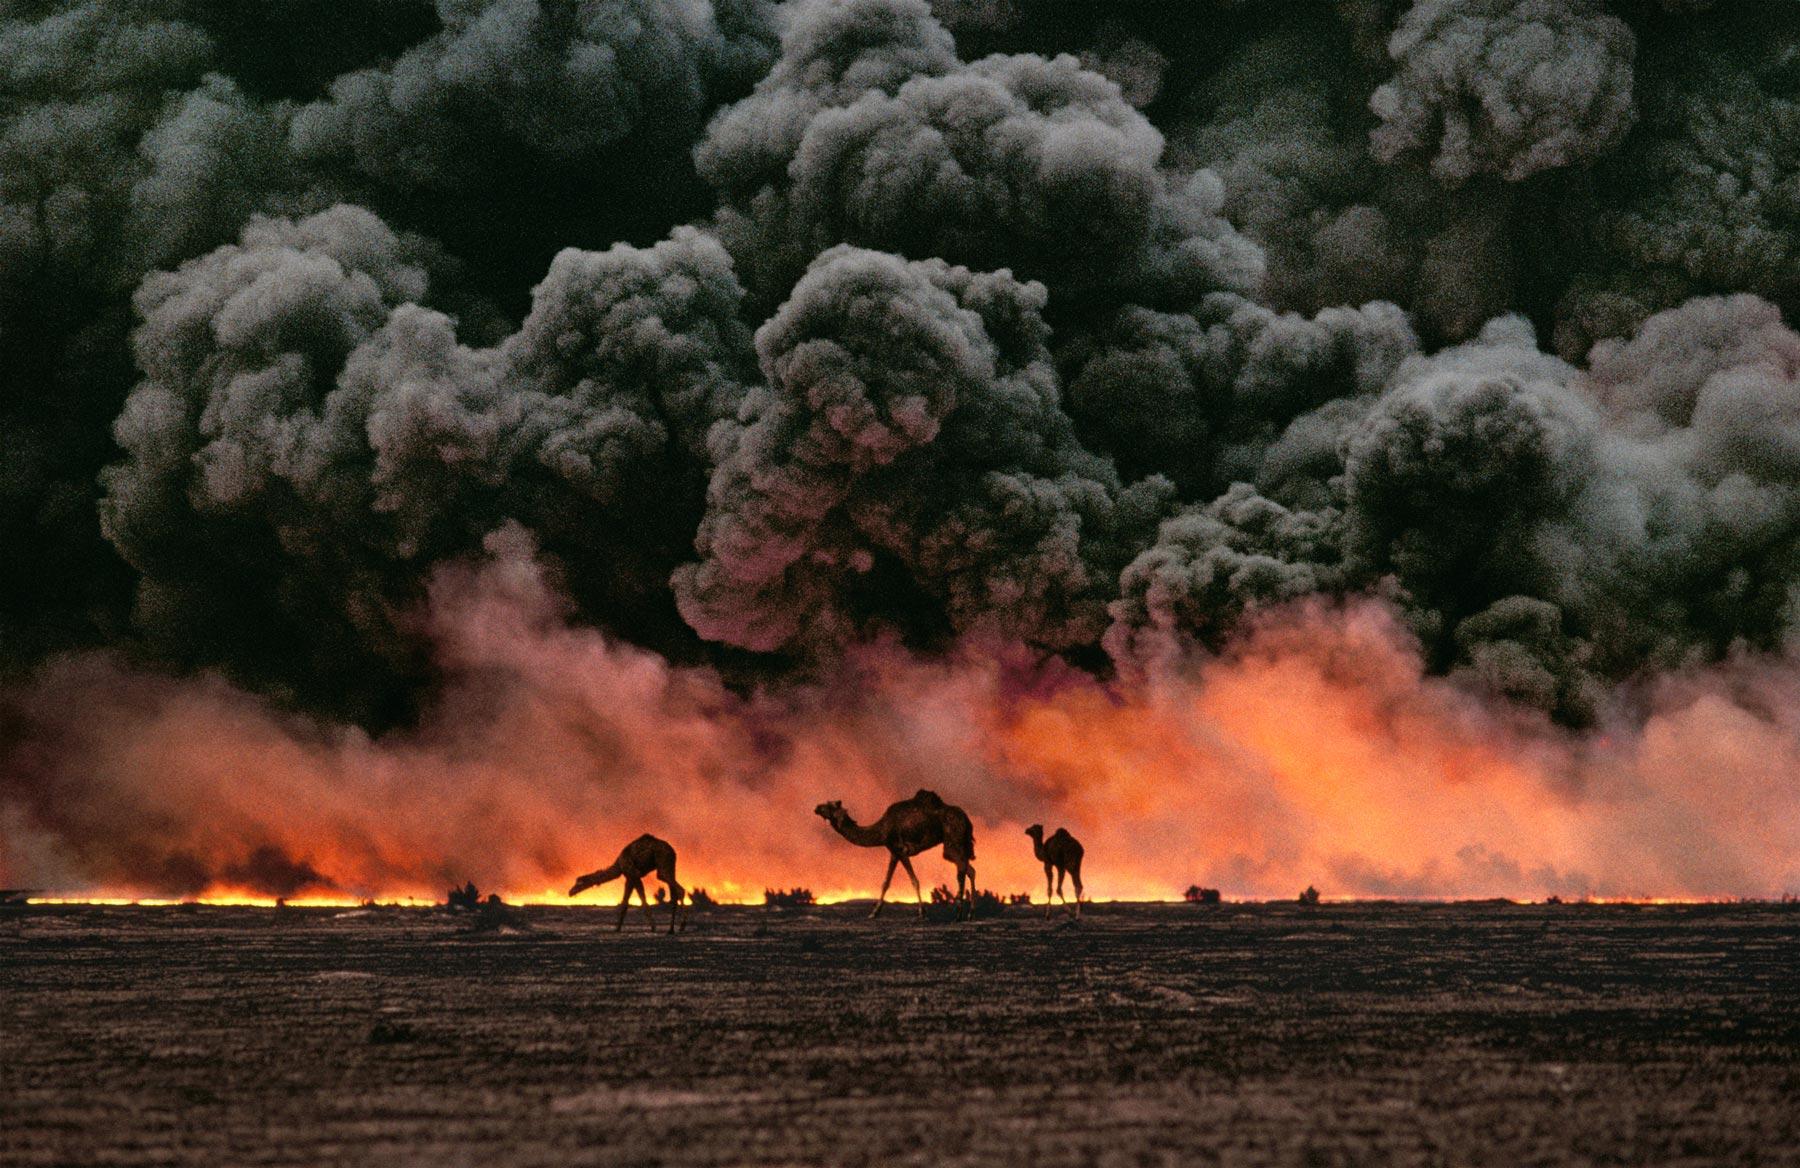 fotografias de la guerra de iraq: